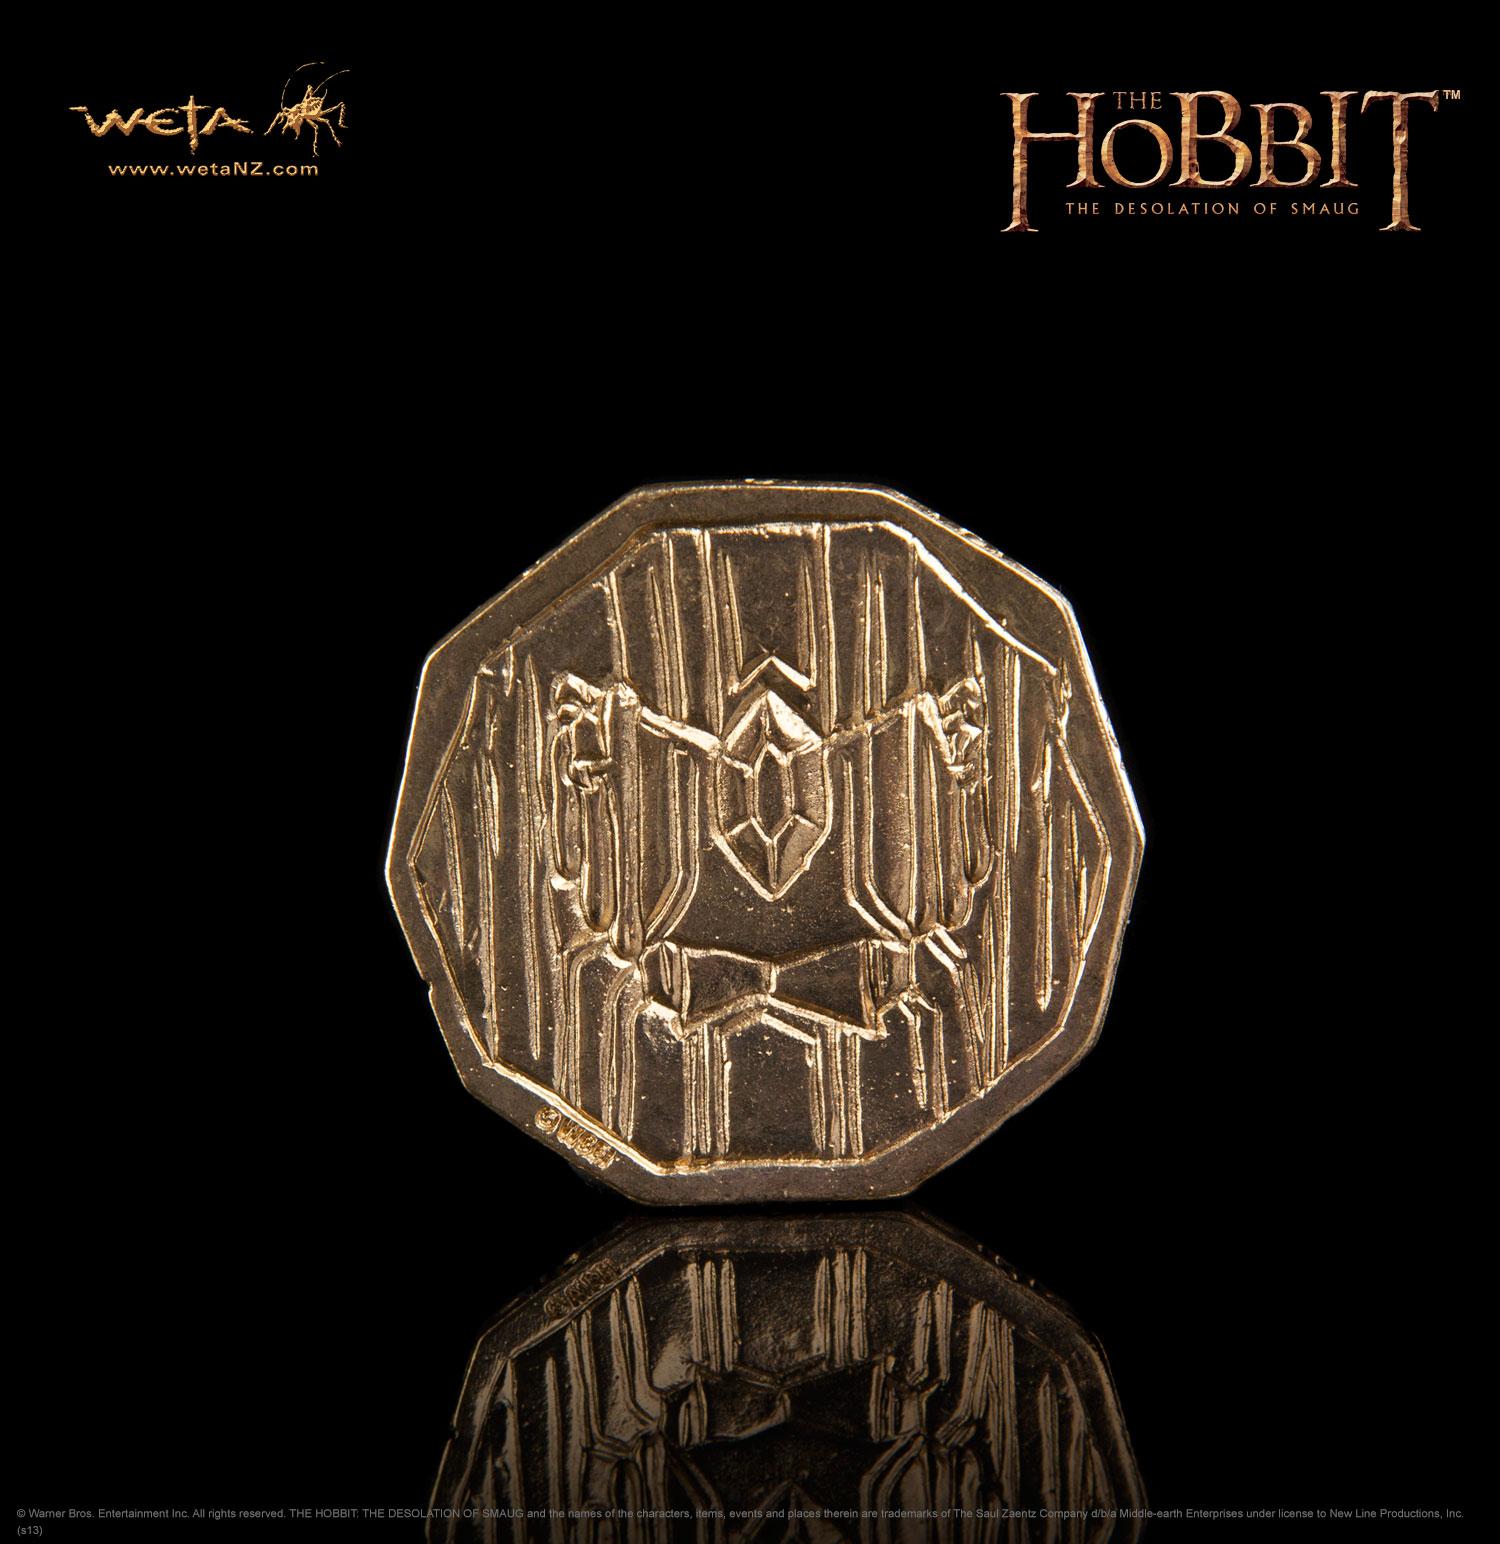 ホビット 竜に奪われた王国 スマウグの宝 コイン#2